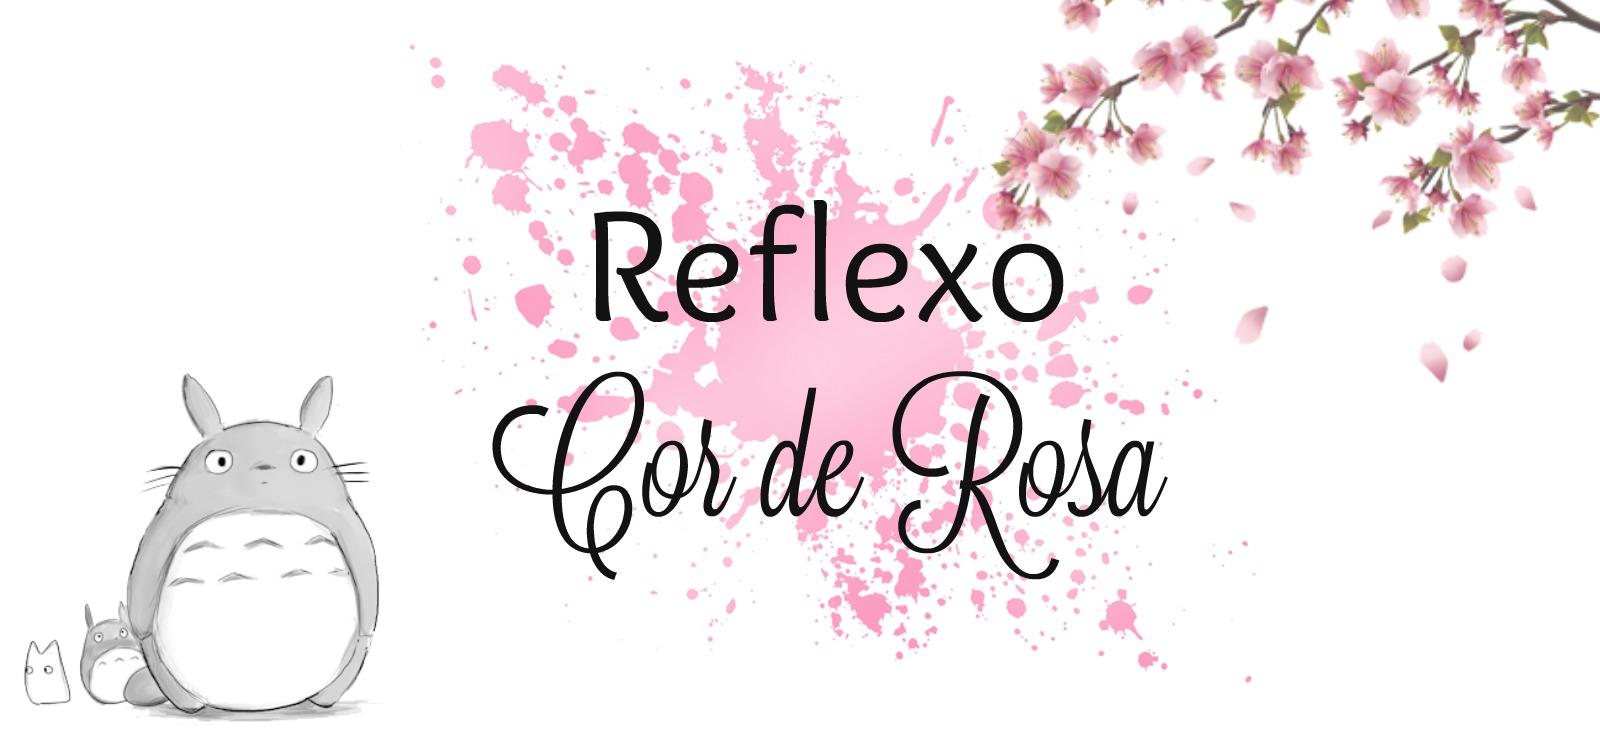 Reflexo Cor de Rosa